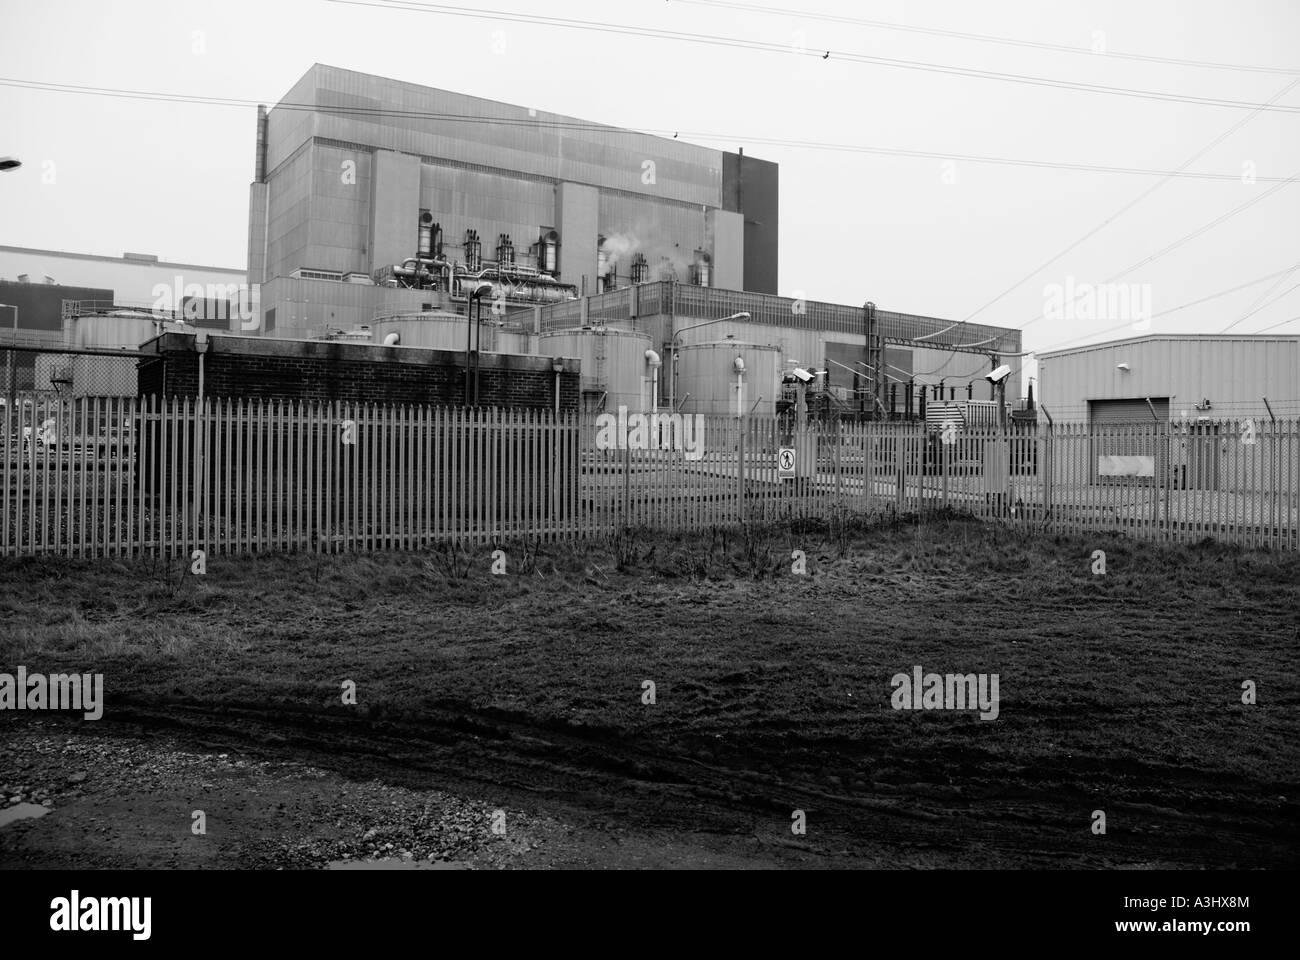 Nuclear power station at Heysham, Lancashire - Stock Image